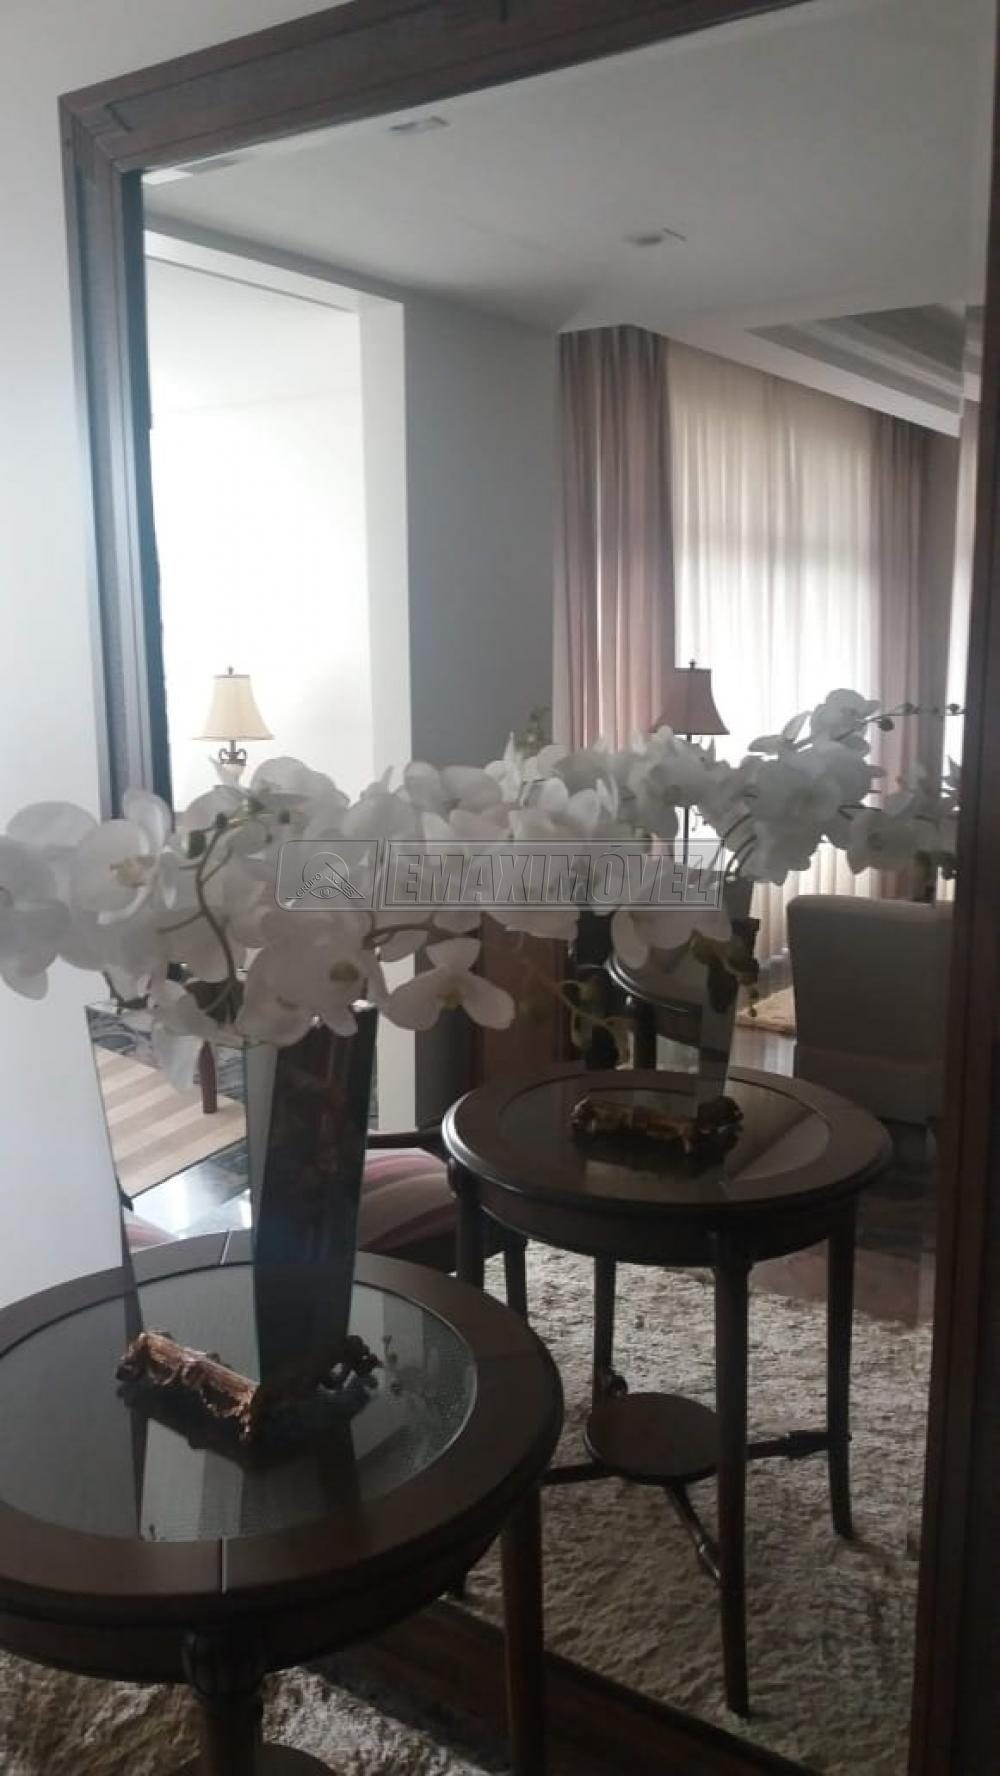 Comprar Apartamento / Padrão em Sorocaba R$ 850.000,00 - Foto 4